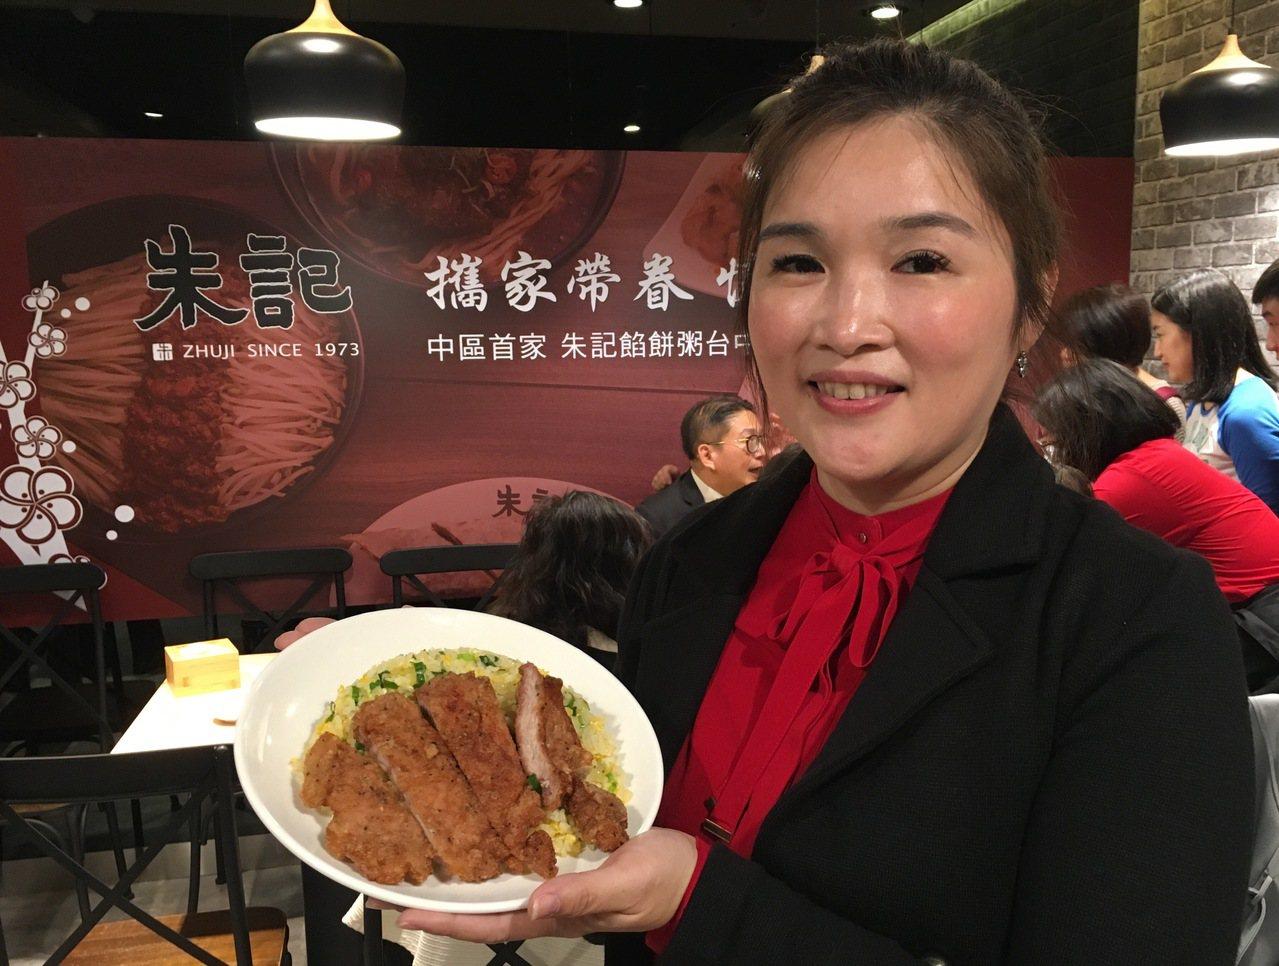 漢食尚餐飲集團總經理周雪琴主持台中店開幕。記者宋健生/攝影